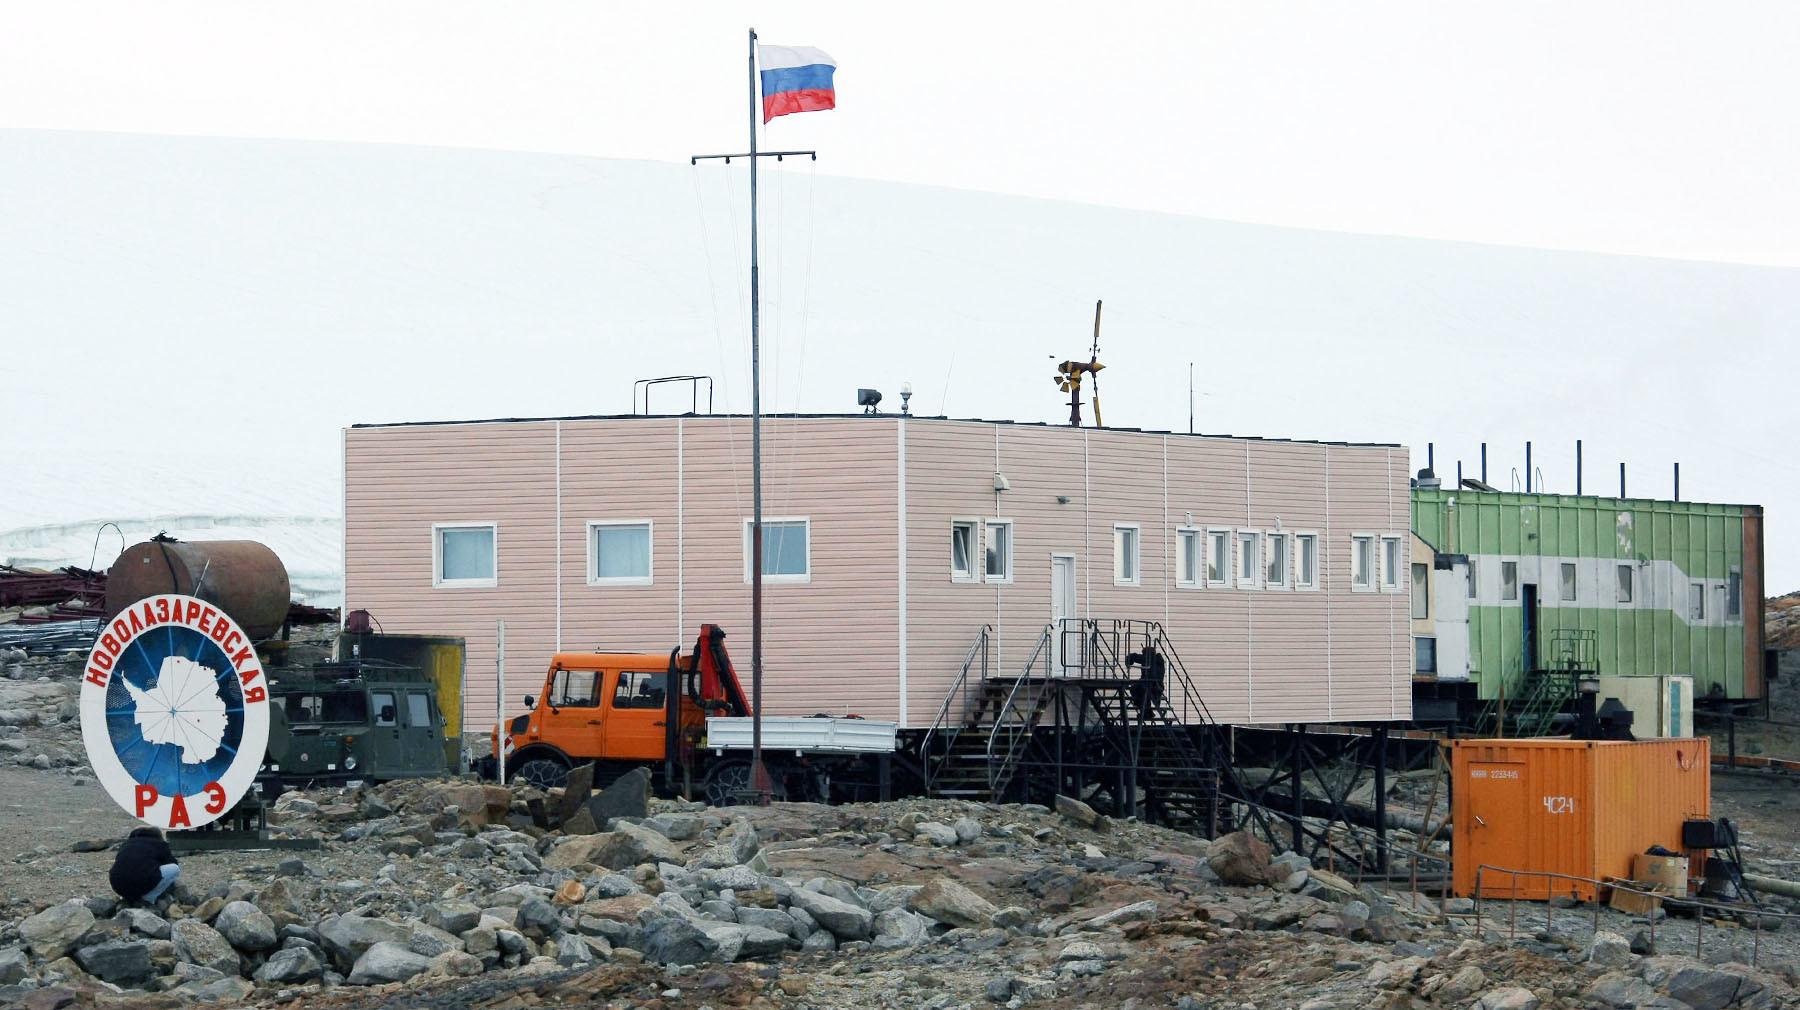 новолазаревская антарктическая станция фото